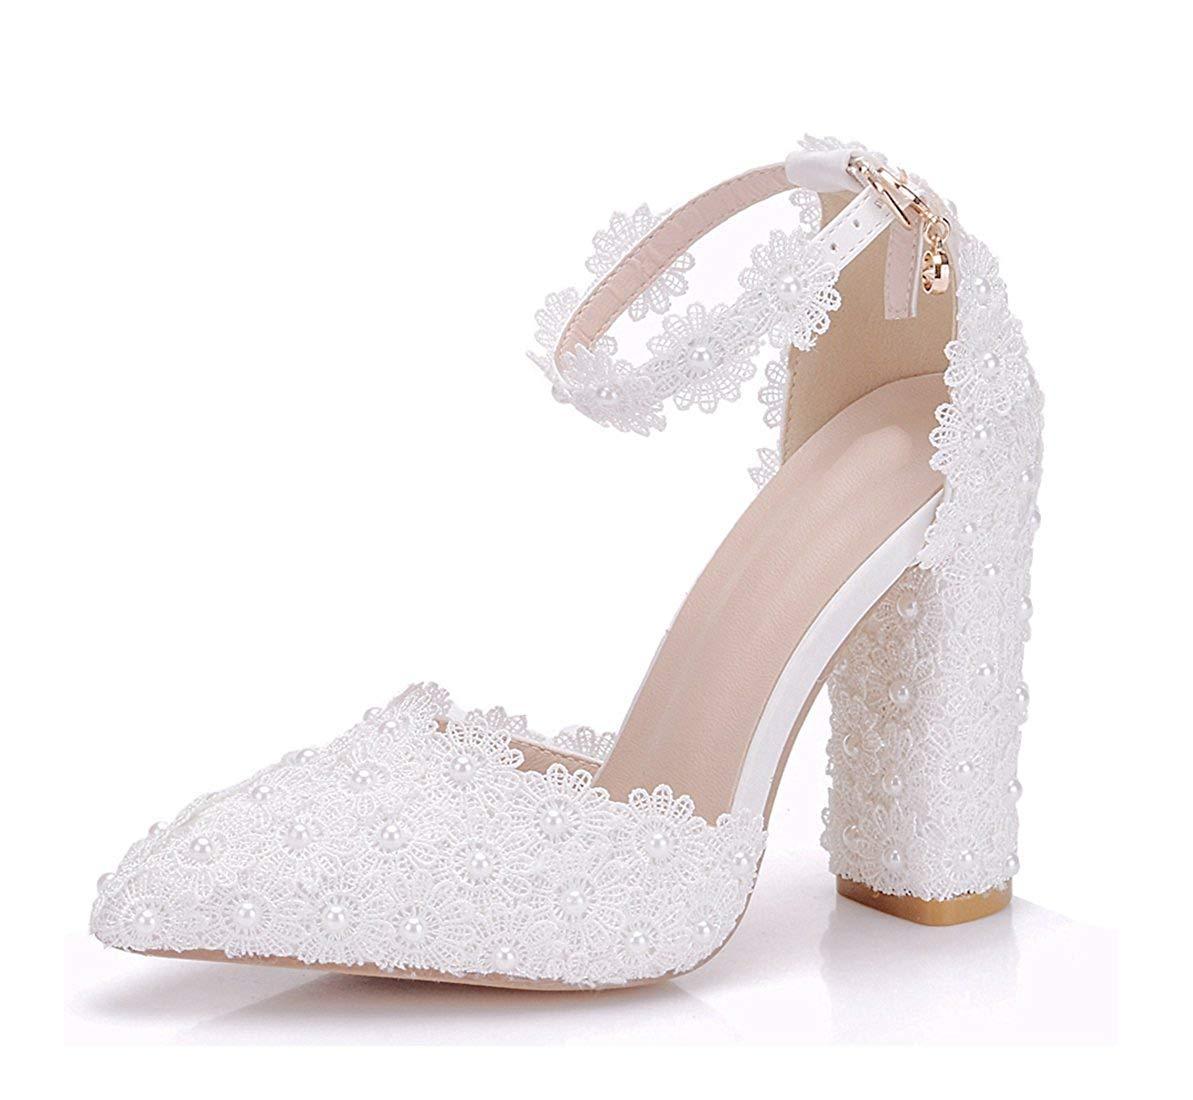 ZHRUI Frauen Spitze Blaumen besetzt Chunky High Heel Heel Heel Weiß Braut Hochzeit Schuhe UK 4.5 (Farbe   -, Größe   -) 471985